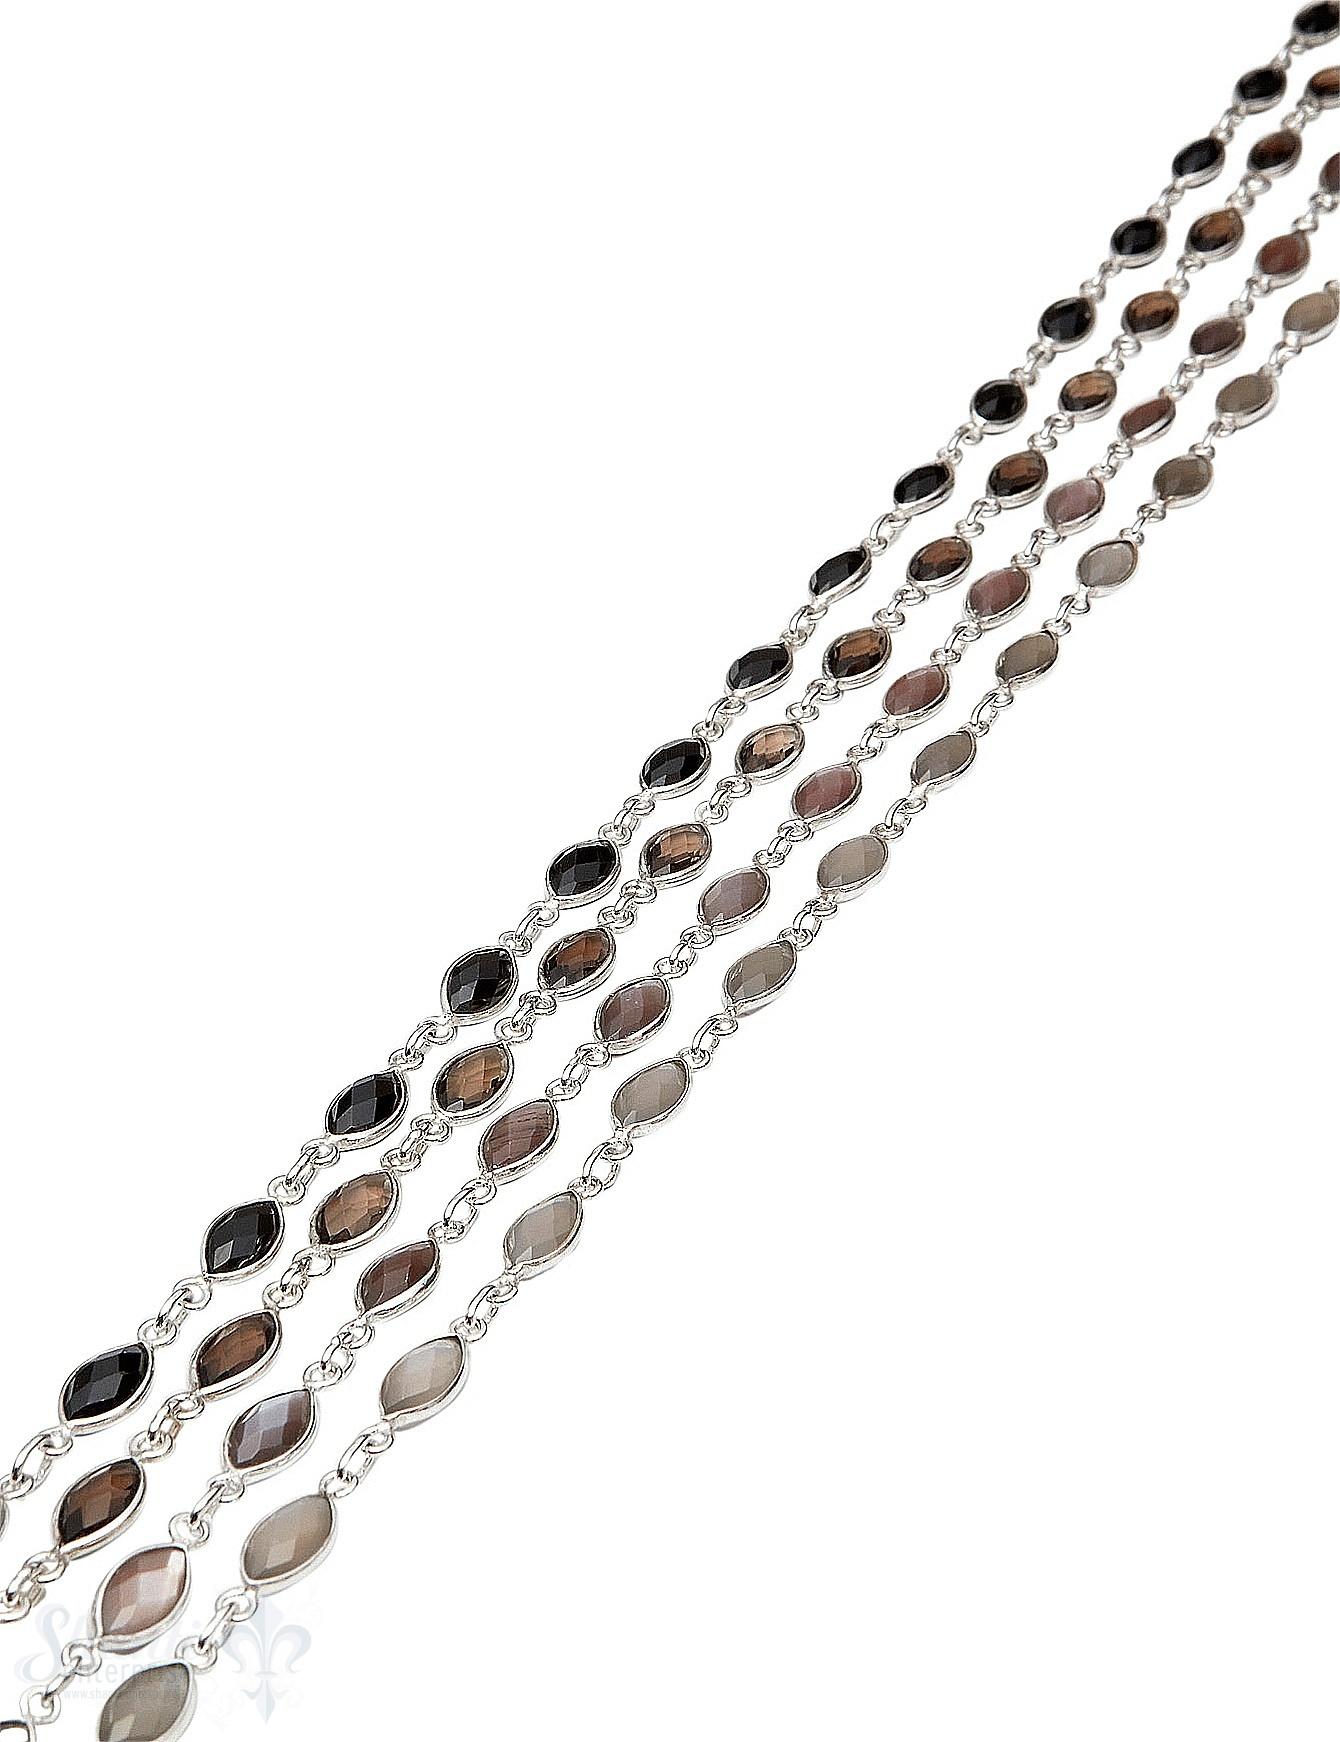 Silberkette mit Stein facett 11x7 mm Navette gefasst Abschnittlänge wird angepasst Preis per cm